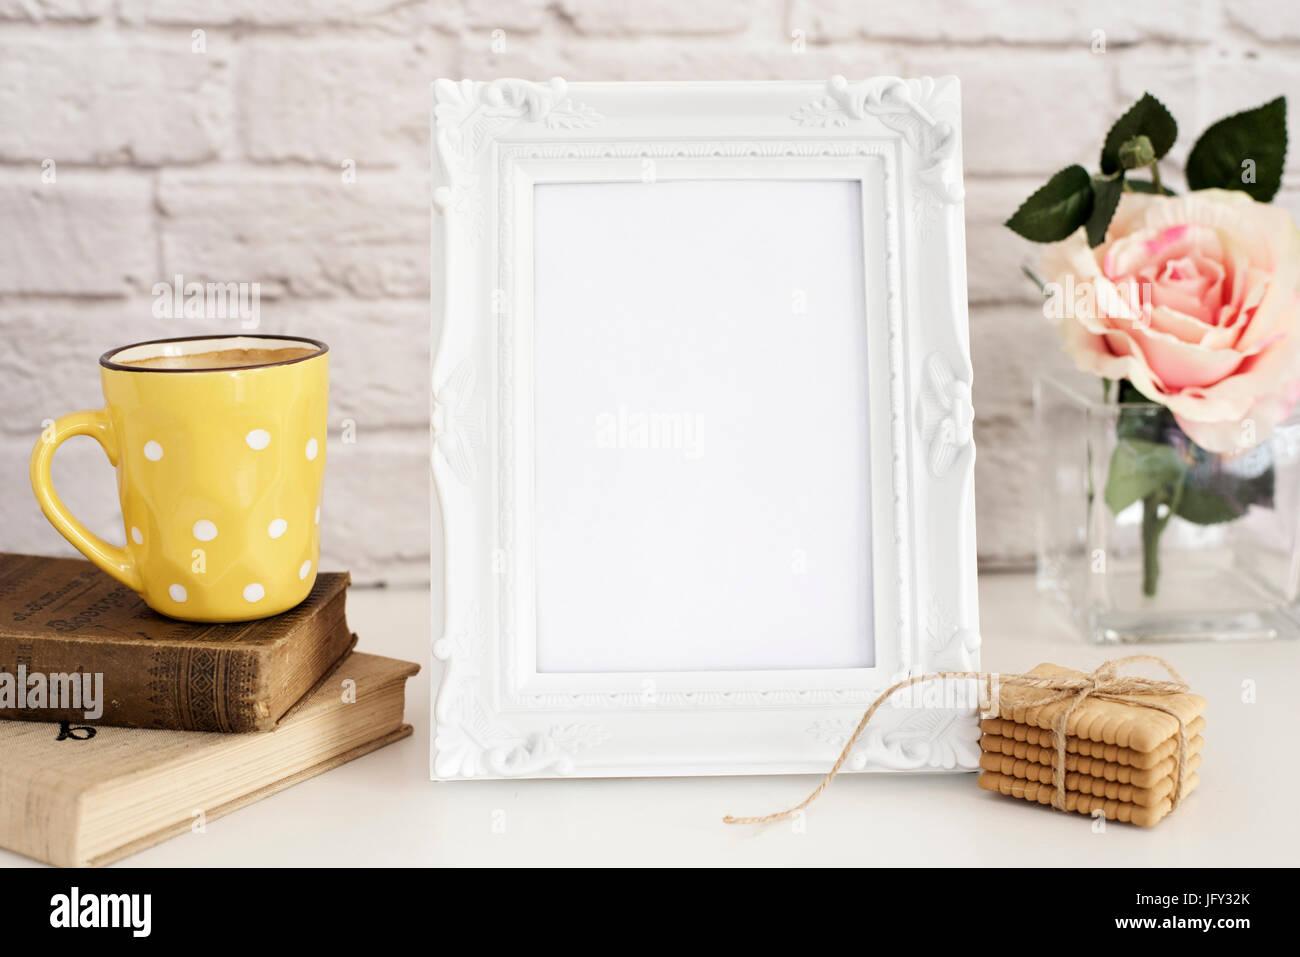 Frame-Mockup. Weißer Rahmen Mock Up. Gelbe Tasse Kaffee mit weißen ...